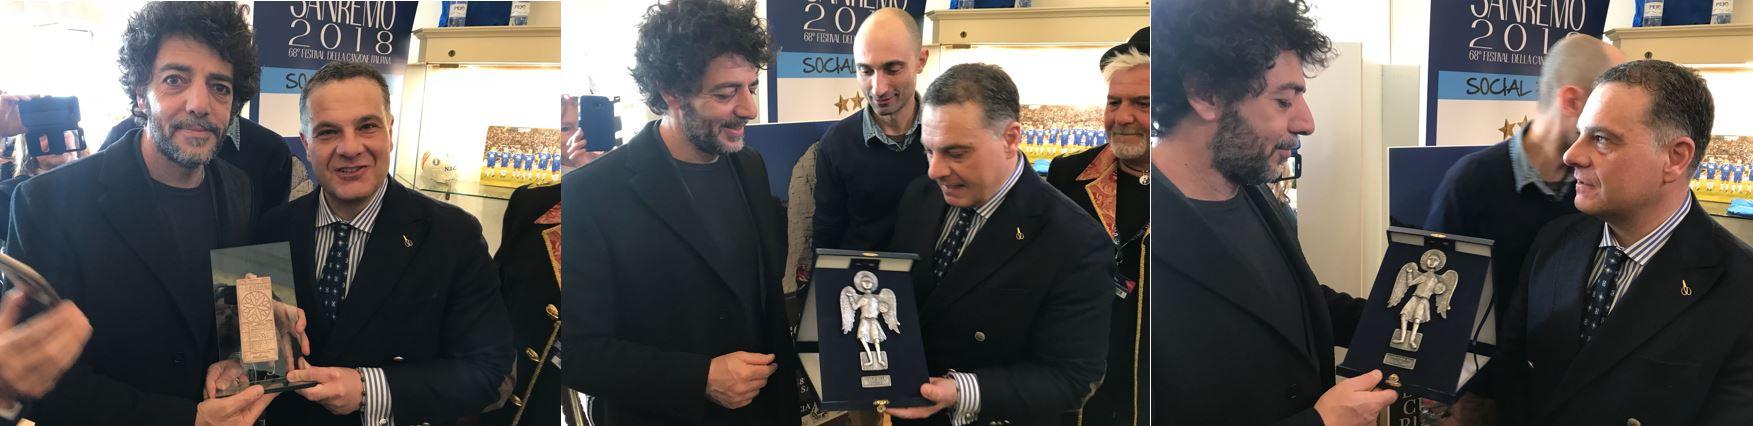 Max Gazzè e il sindaco di San Severo (foto per The Way Magazine Marco Masciopinto)